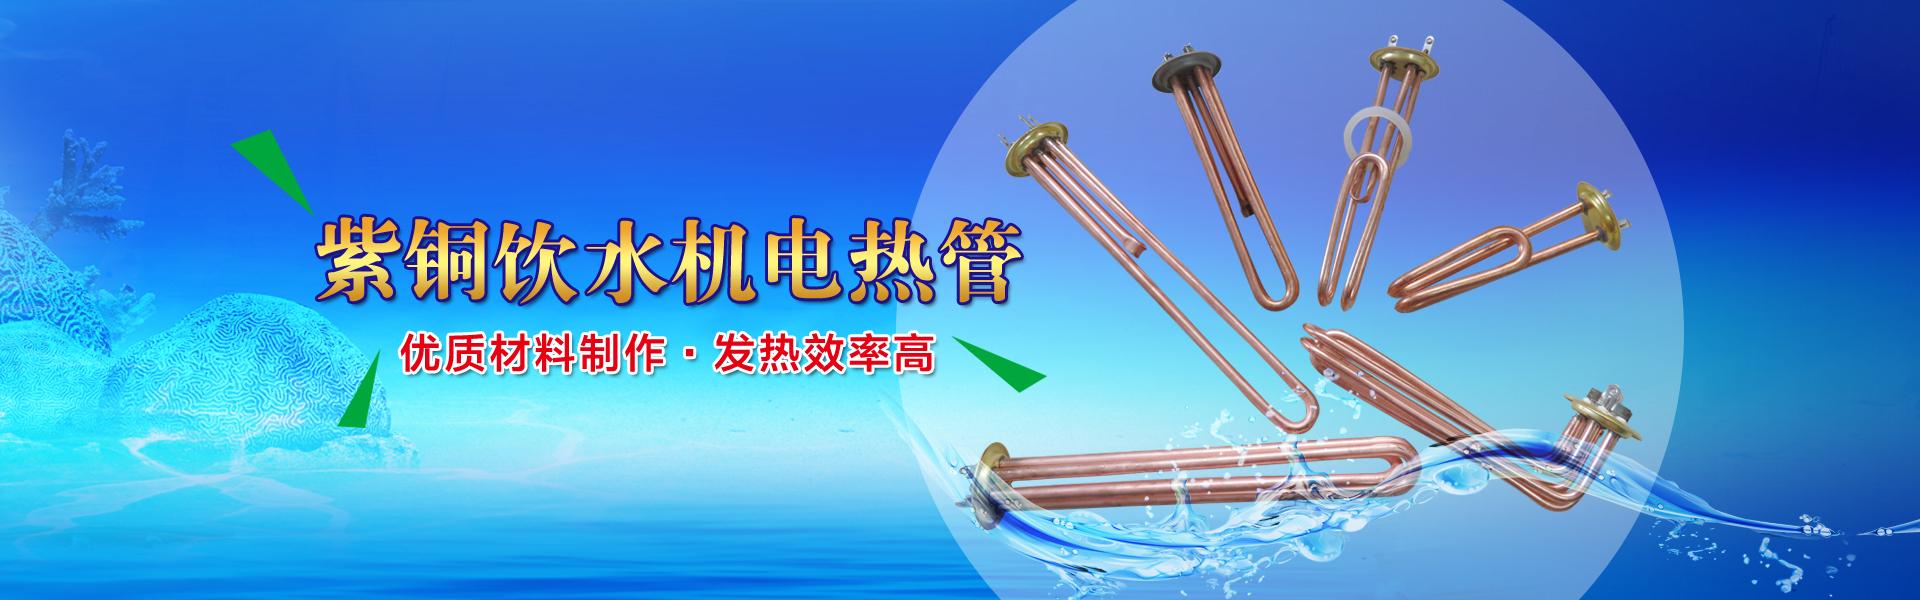 肇庆市高要金顺电器有限公司提供电热管,电加热管,开水器电热管,饮水机电热管,热水器加热管,铸铝电热管,即热式饮水机电热管等。